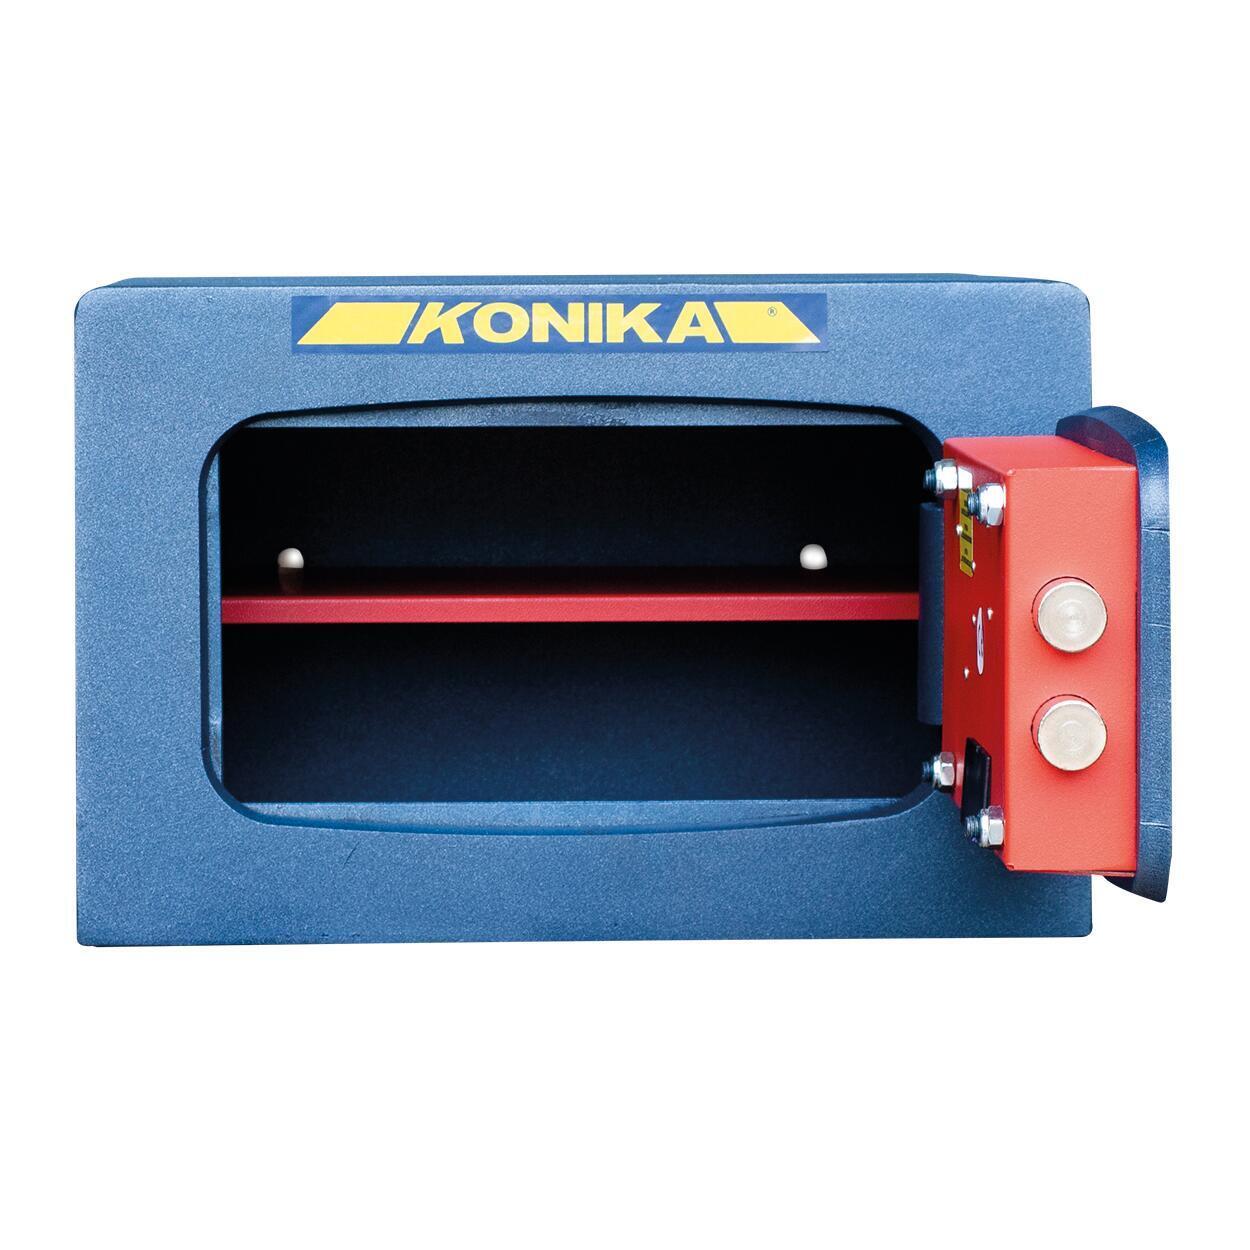 Cassaforte con codice elettronico STARK 3252TK da fissare a parete L 37 x P 32 x H 24 cm - 2